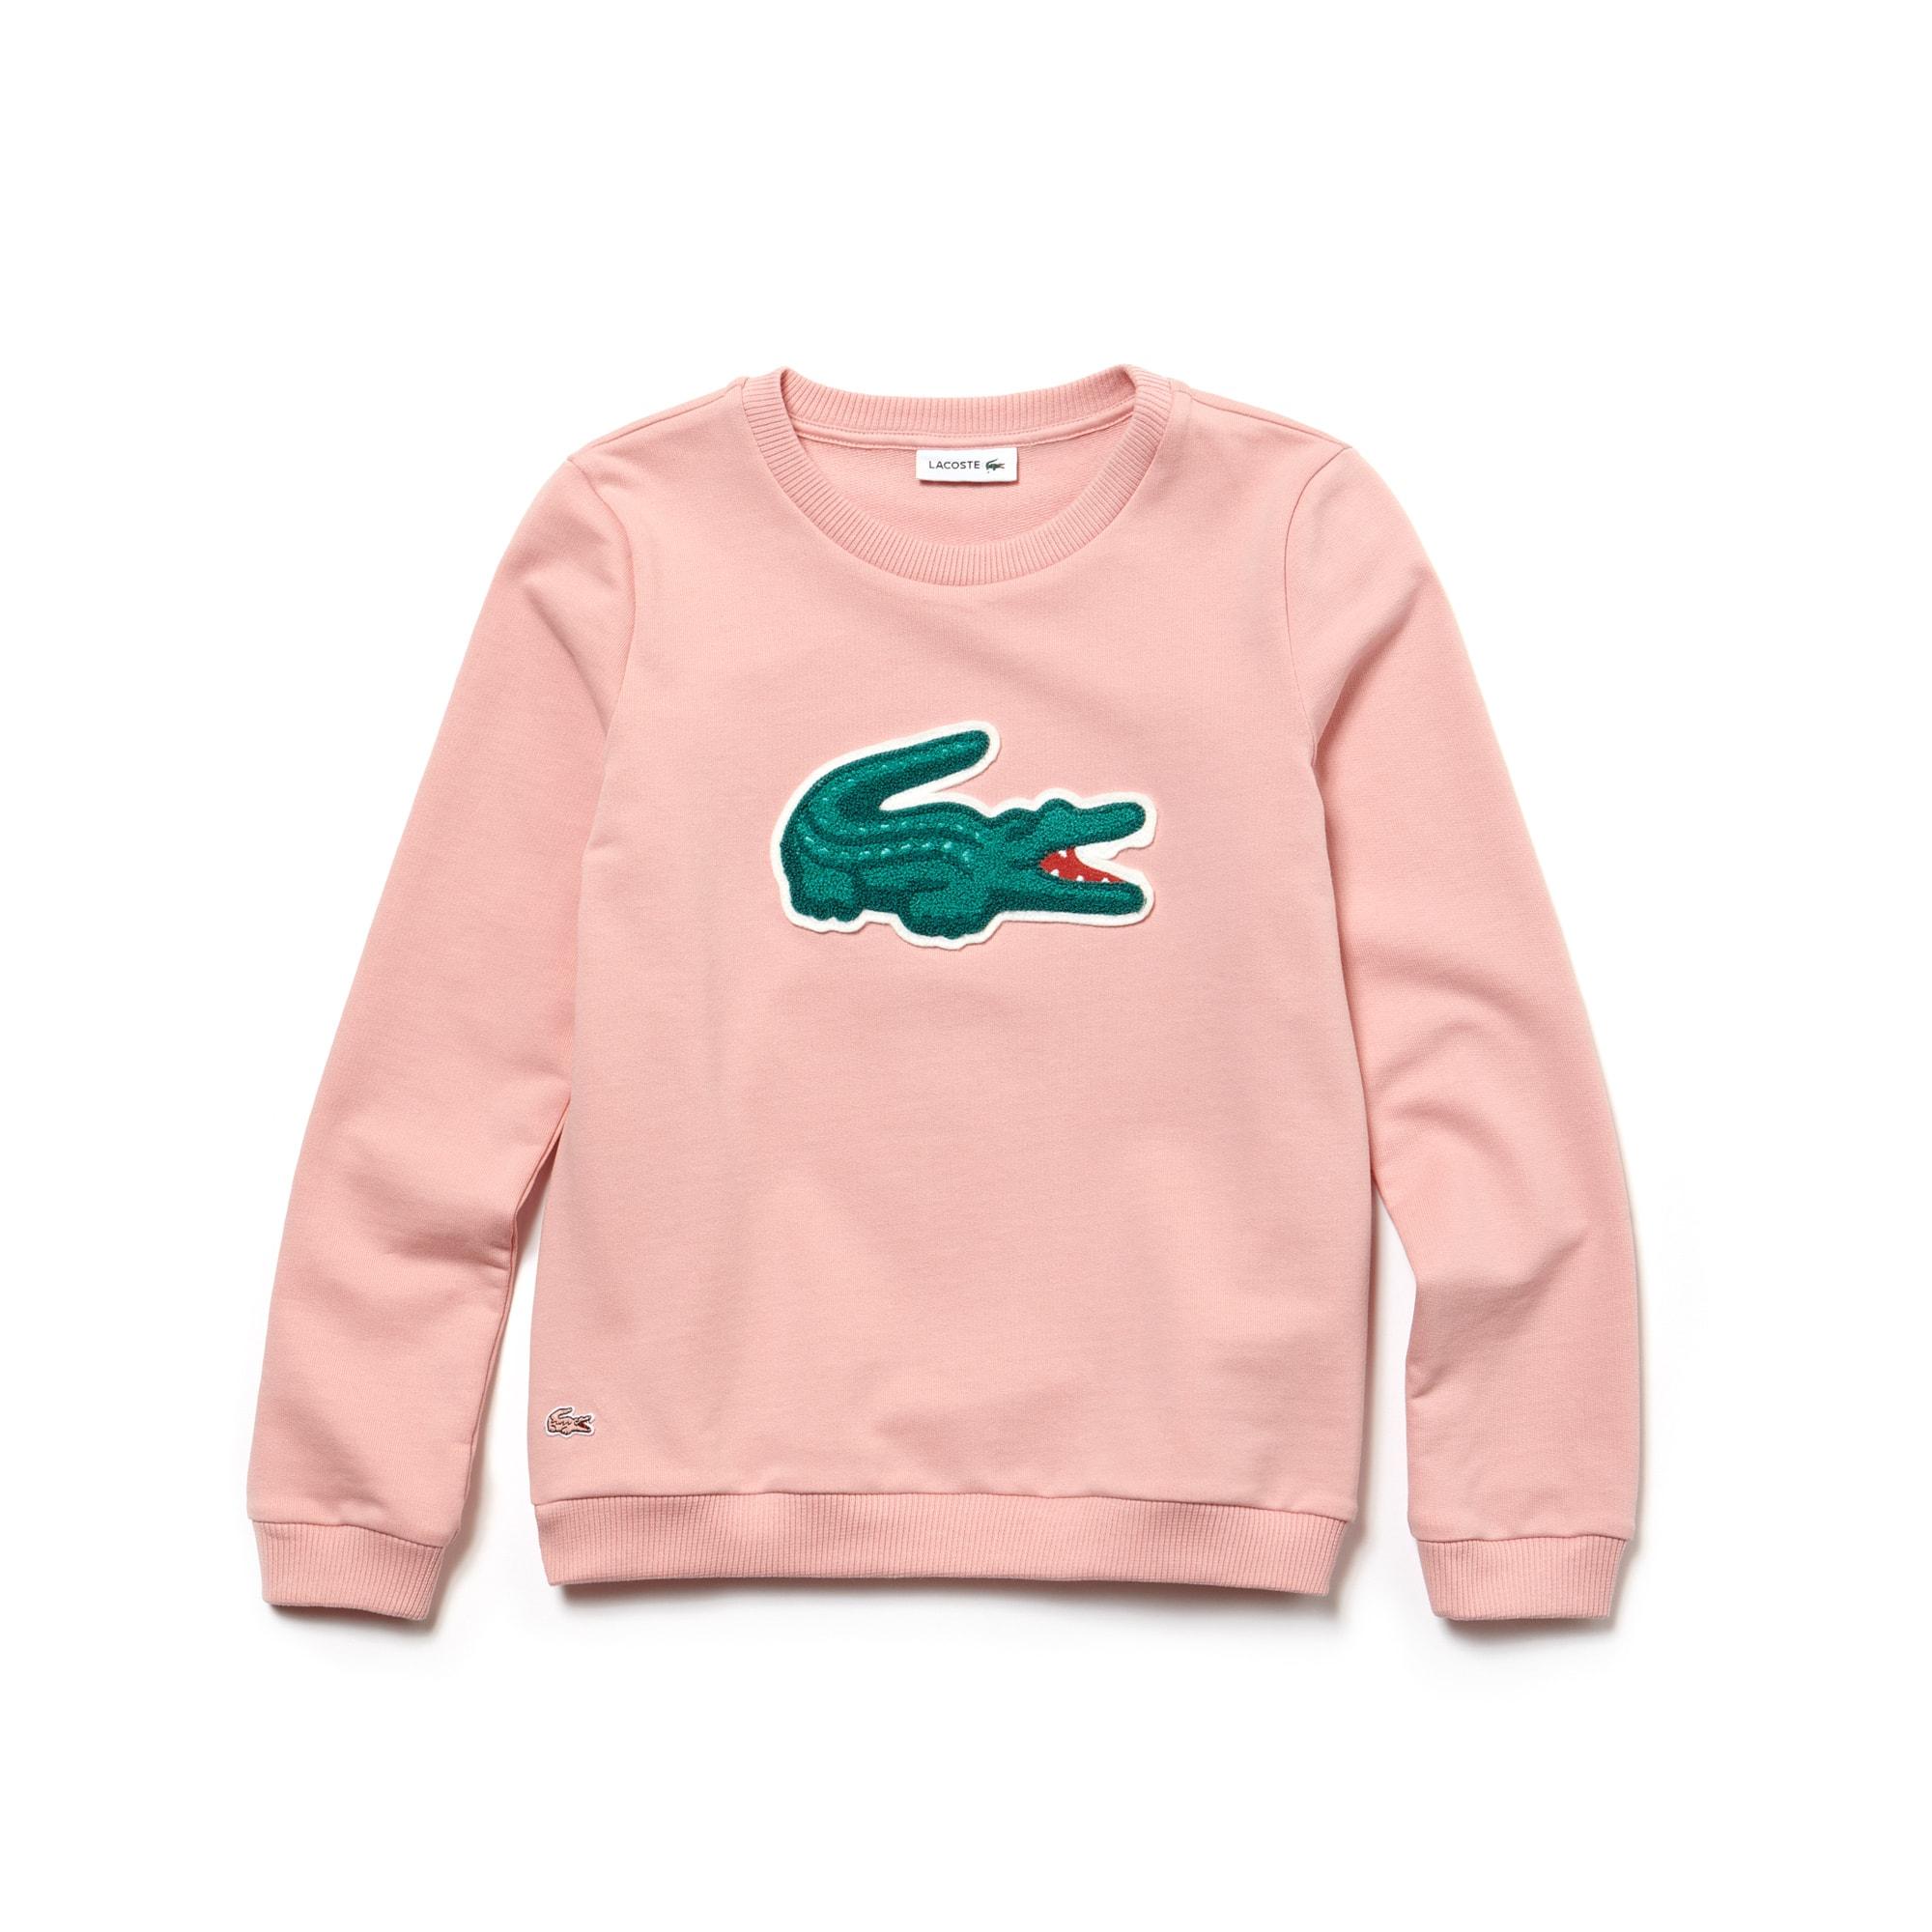 Sweatshirt Menina em moletão stretch com crocodilo em tamanho grande